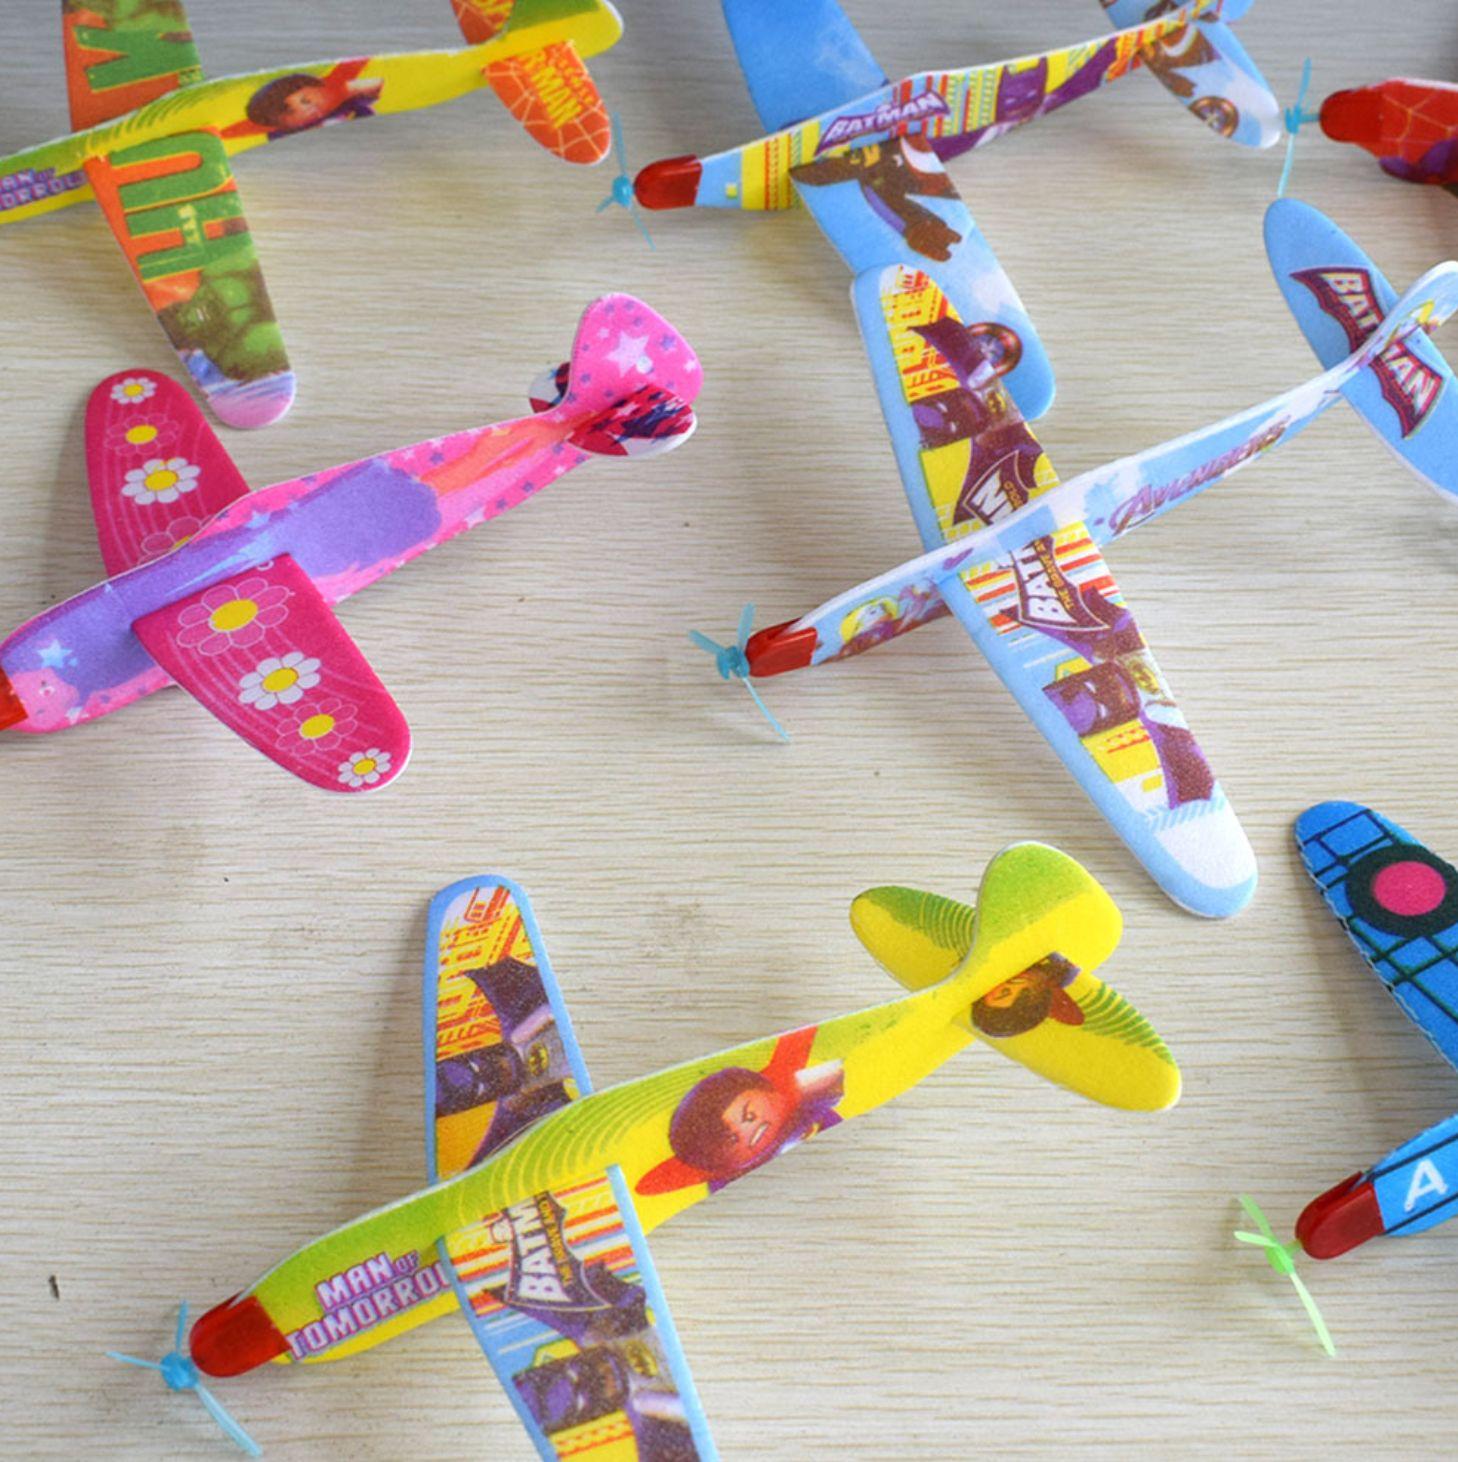 Đồ chơi máy bay xốp độc đáo an toàn cho bé - Giao màu ngẫu nhiên